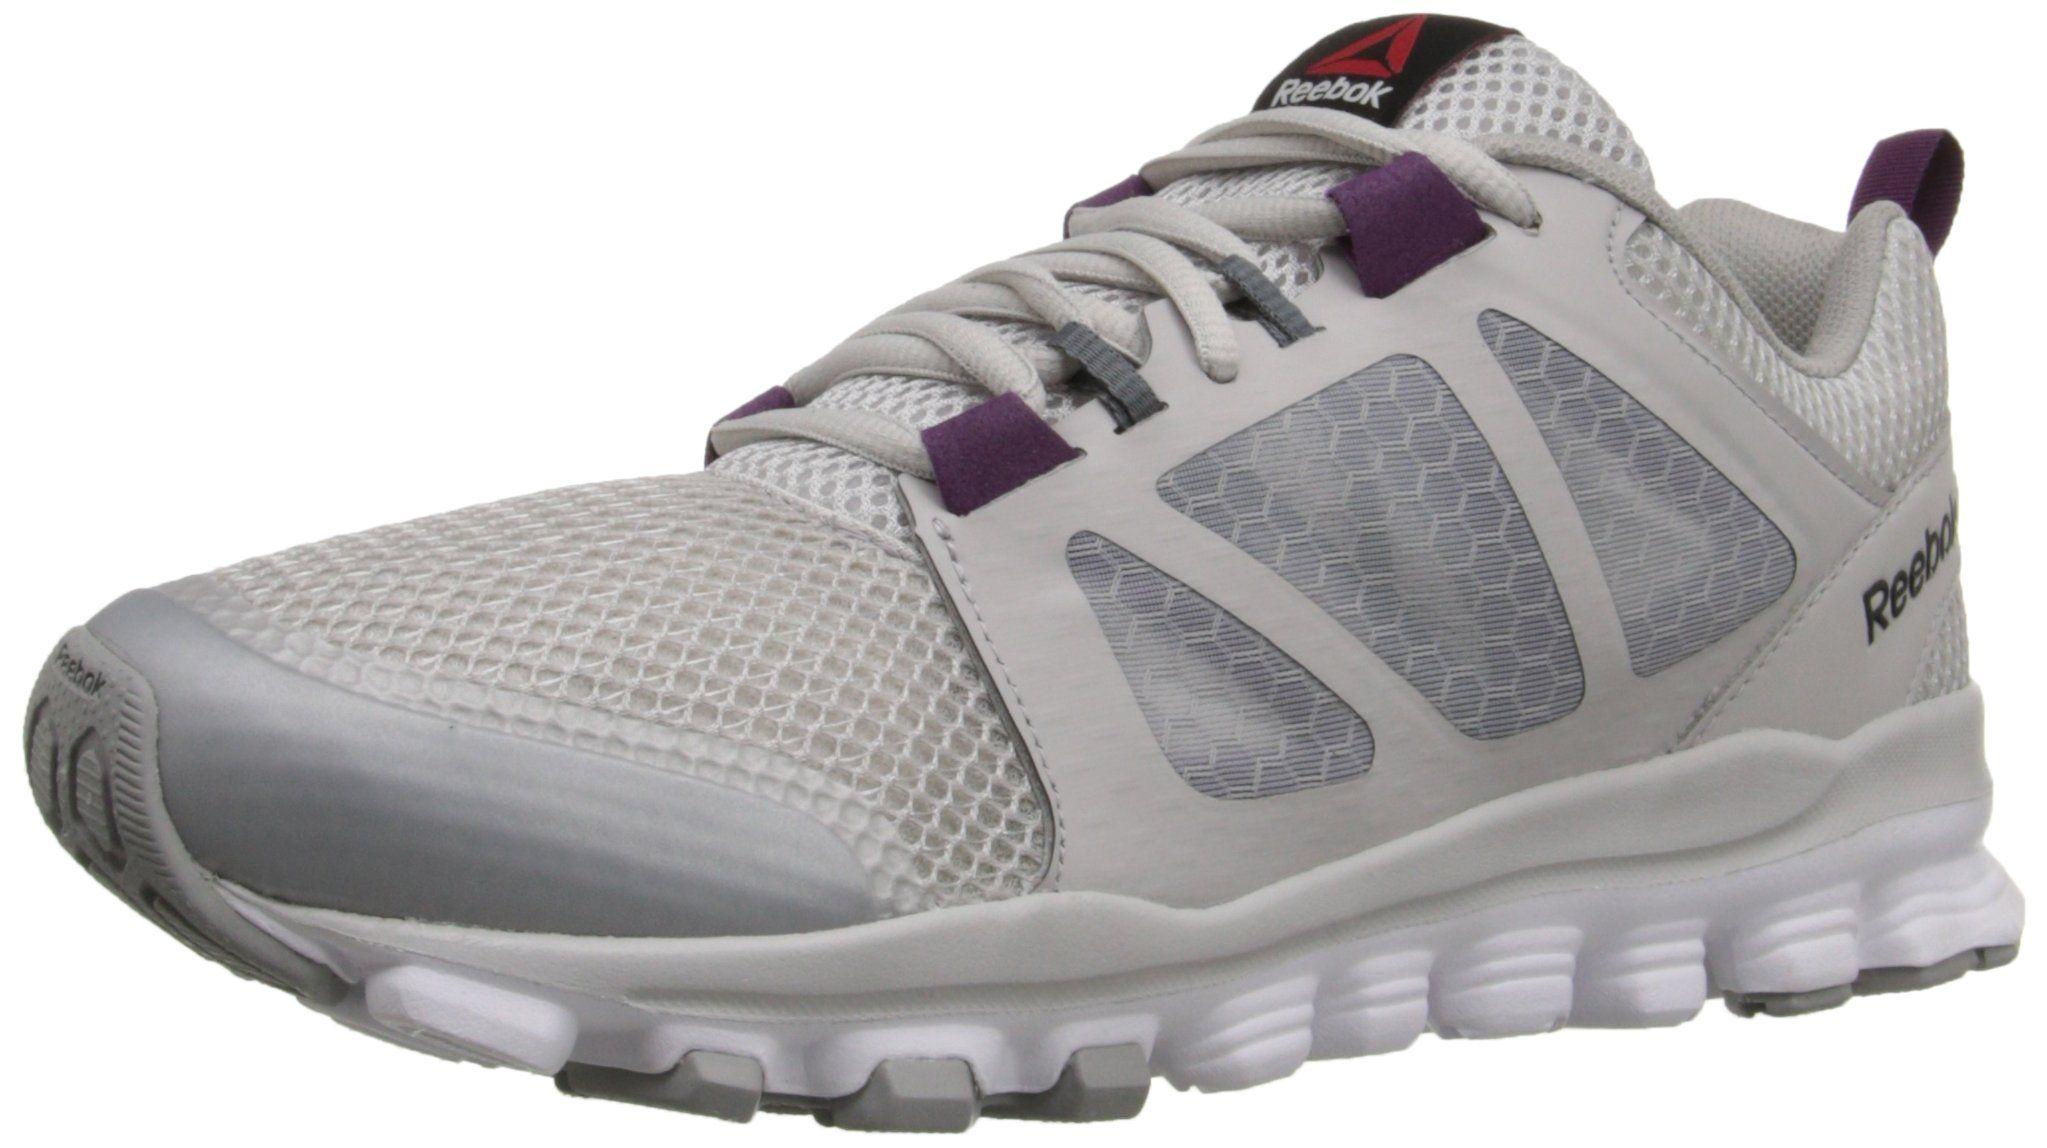 7f04069cd16 Reebok Women s Hexaffect Run 3.0 MTM Running Shoe